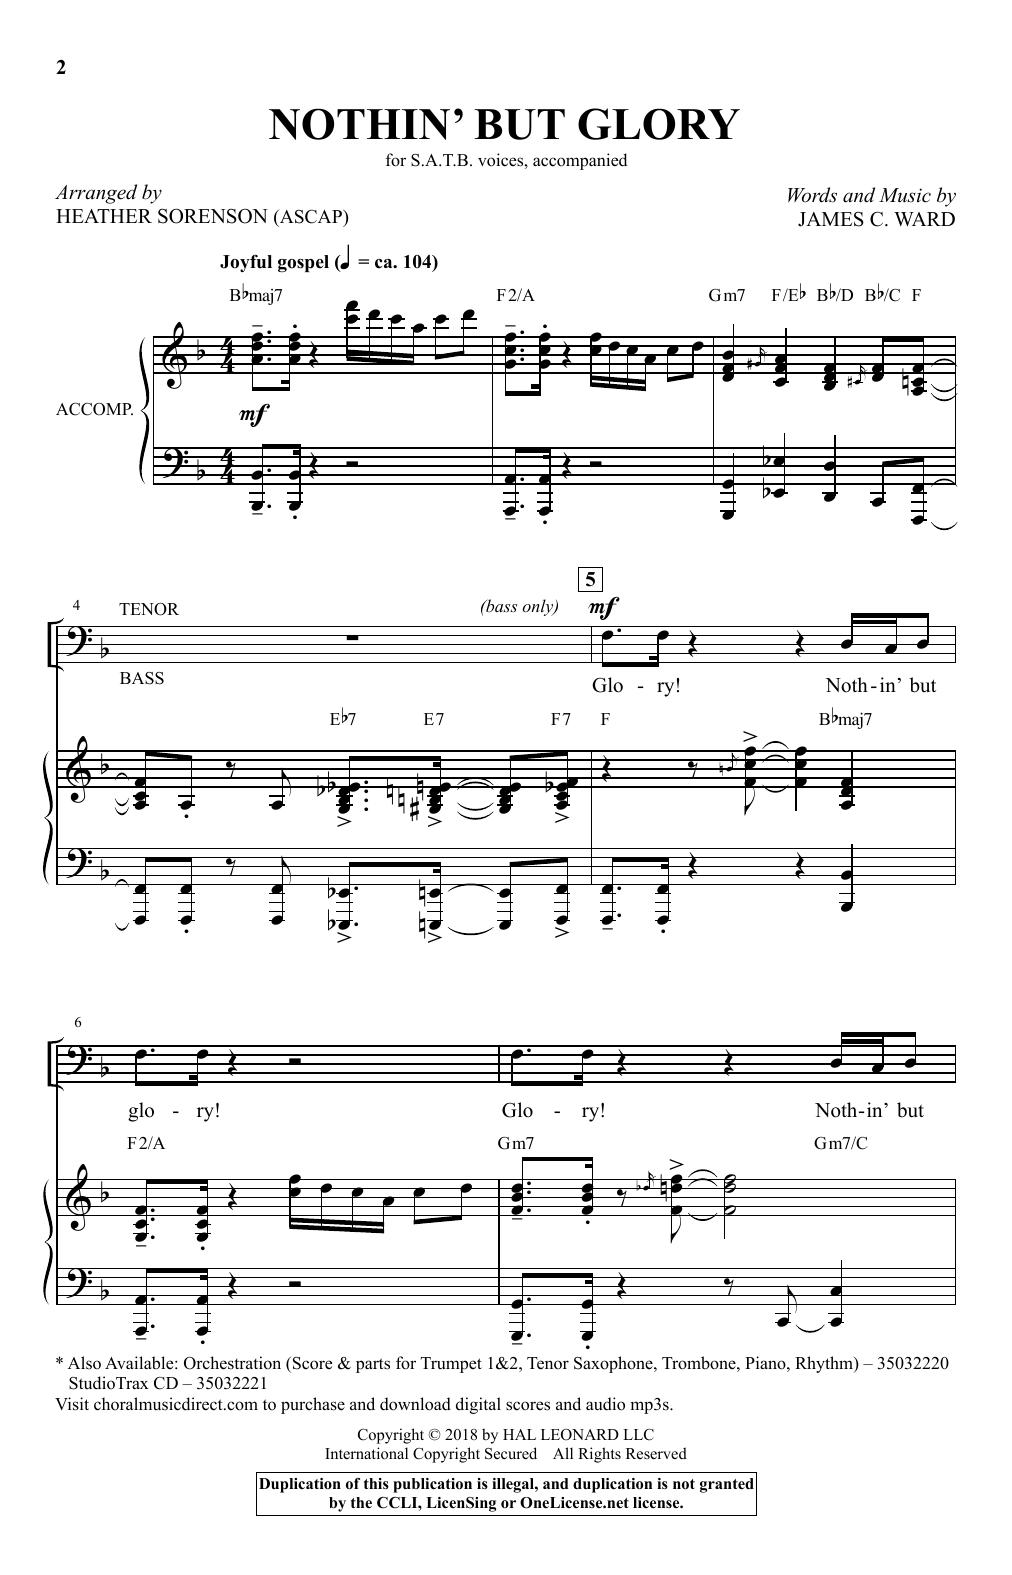 Nothin' But Glory (arr. Heather Sorenson) (SATB Choir)